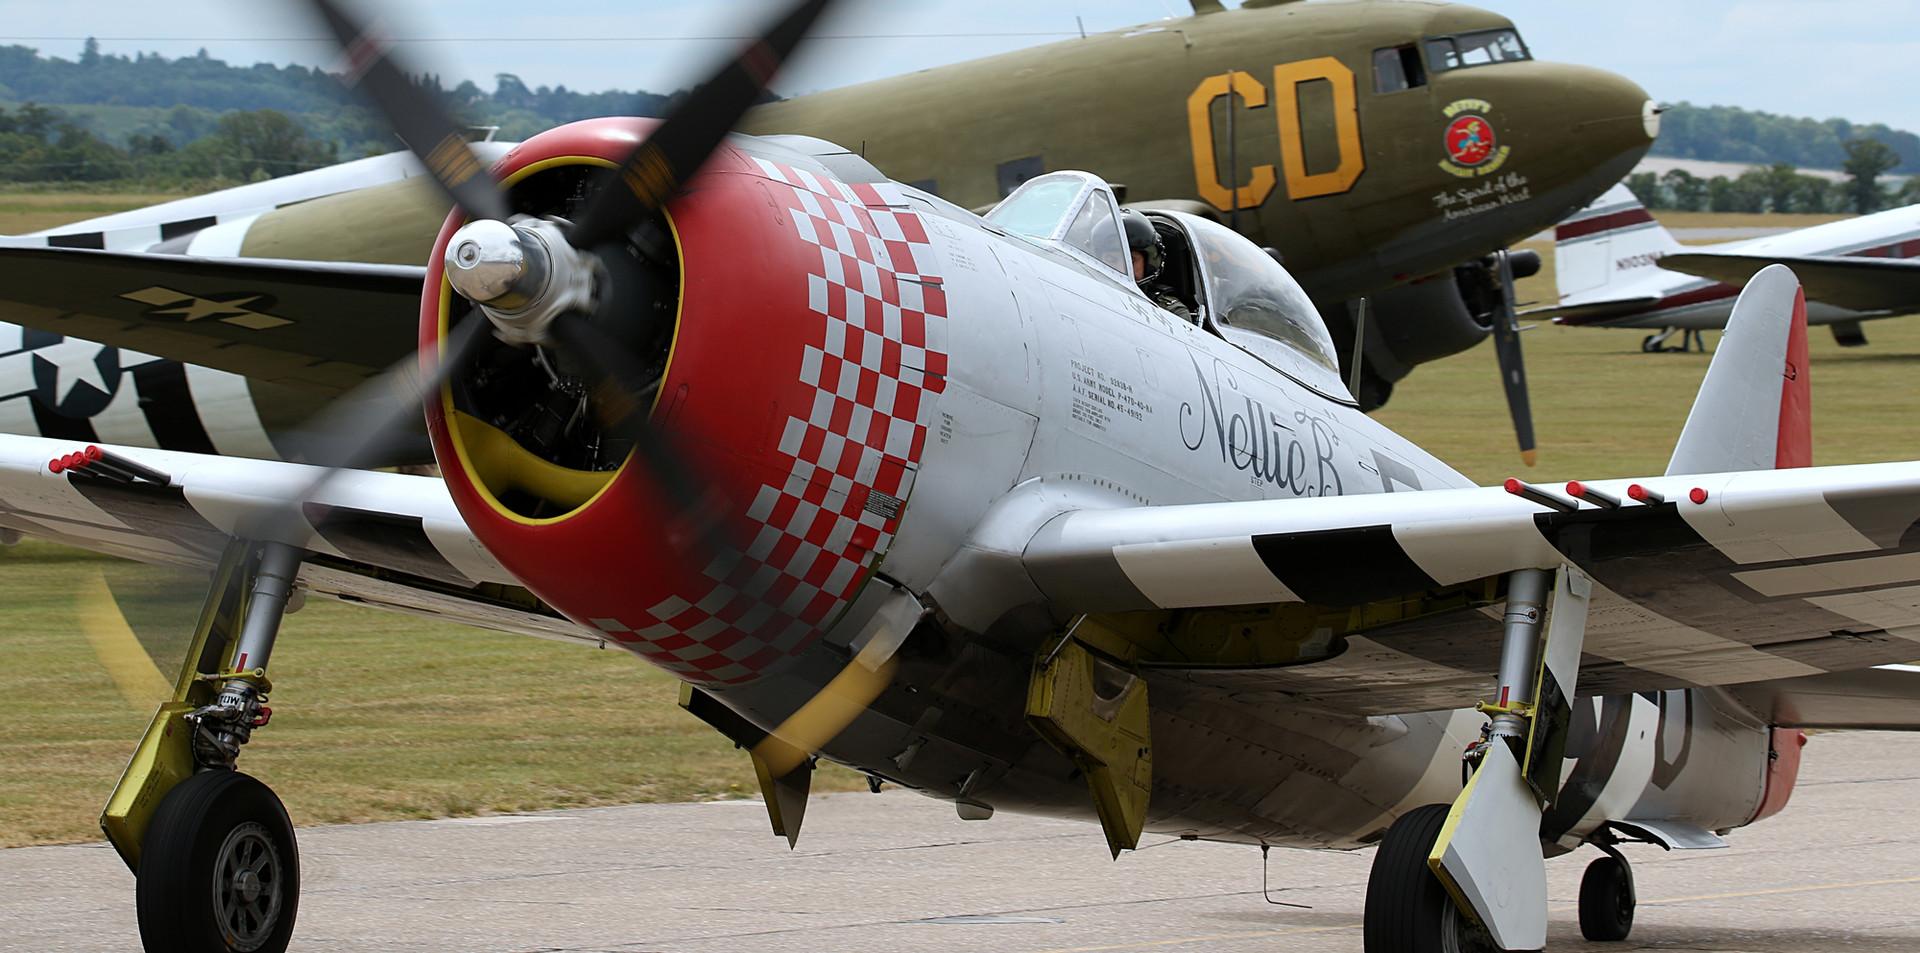 P-47 Thunderbolt Daks over Duxford June